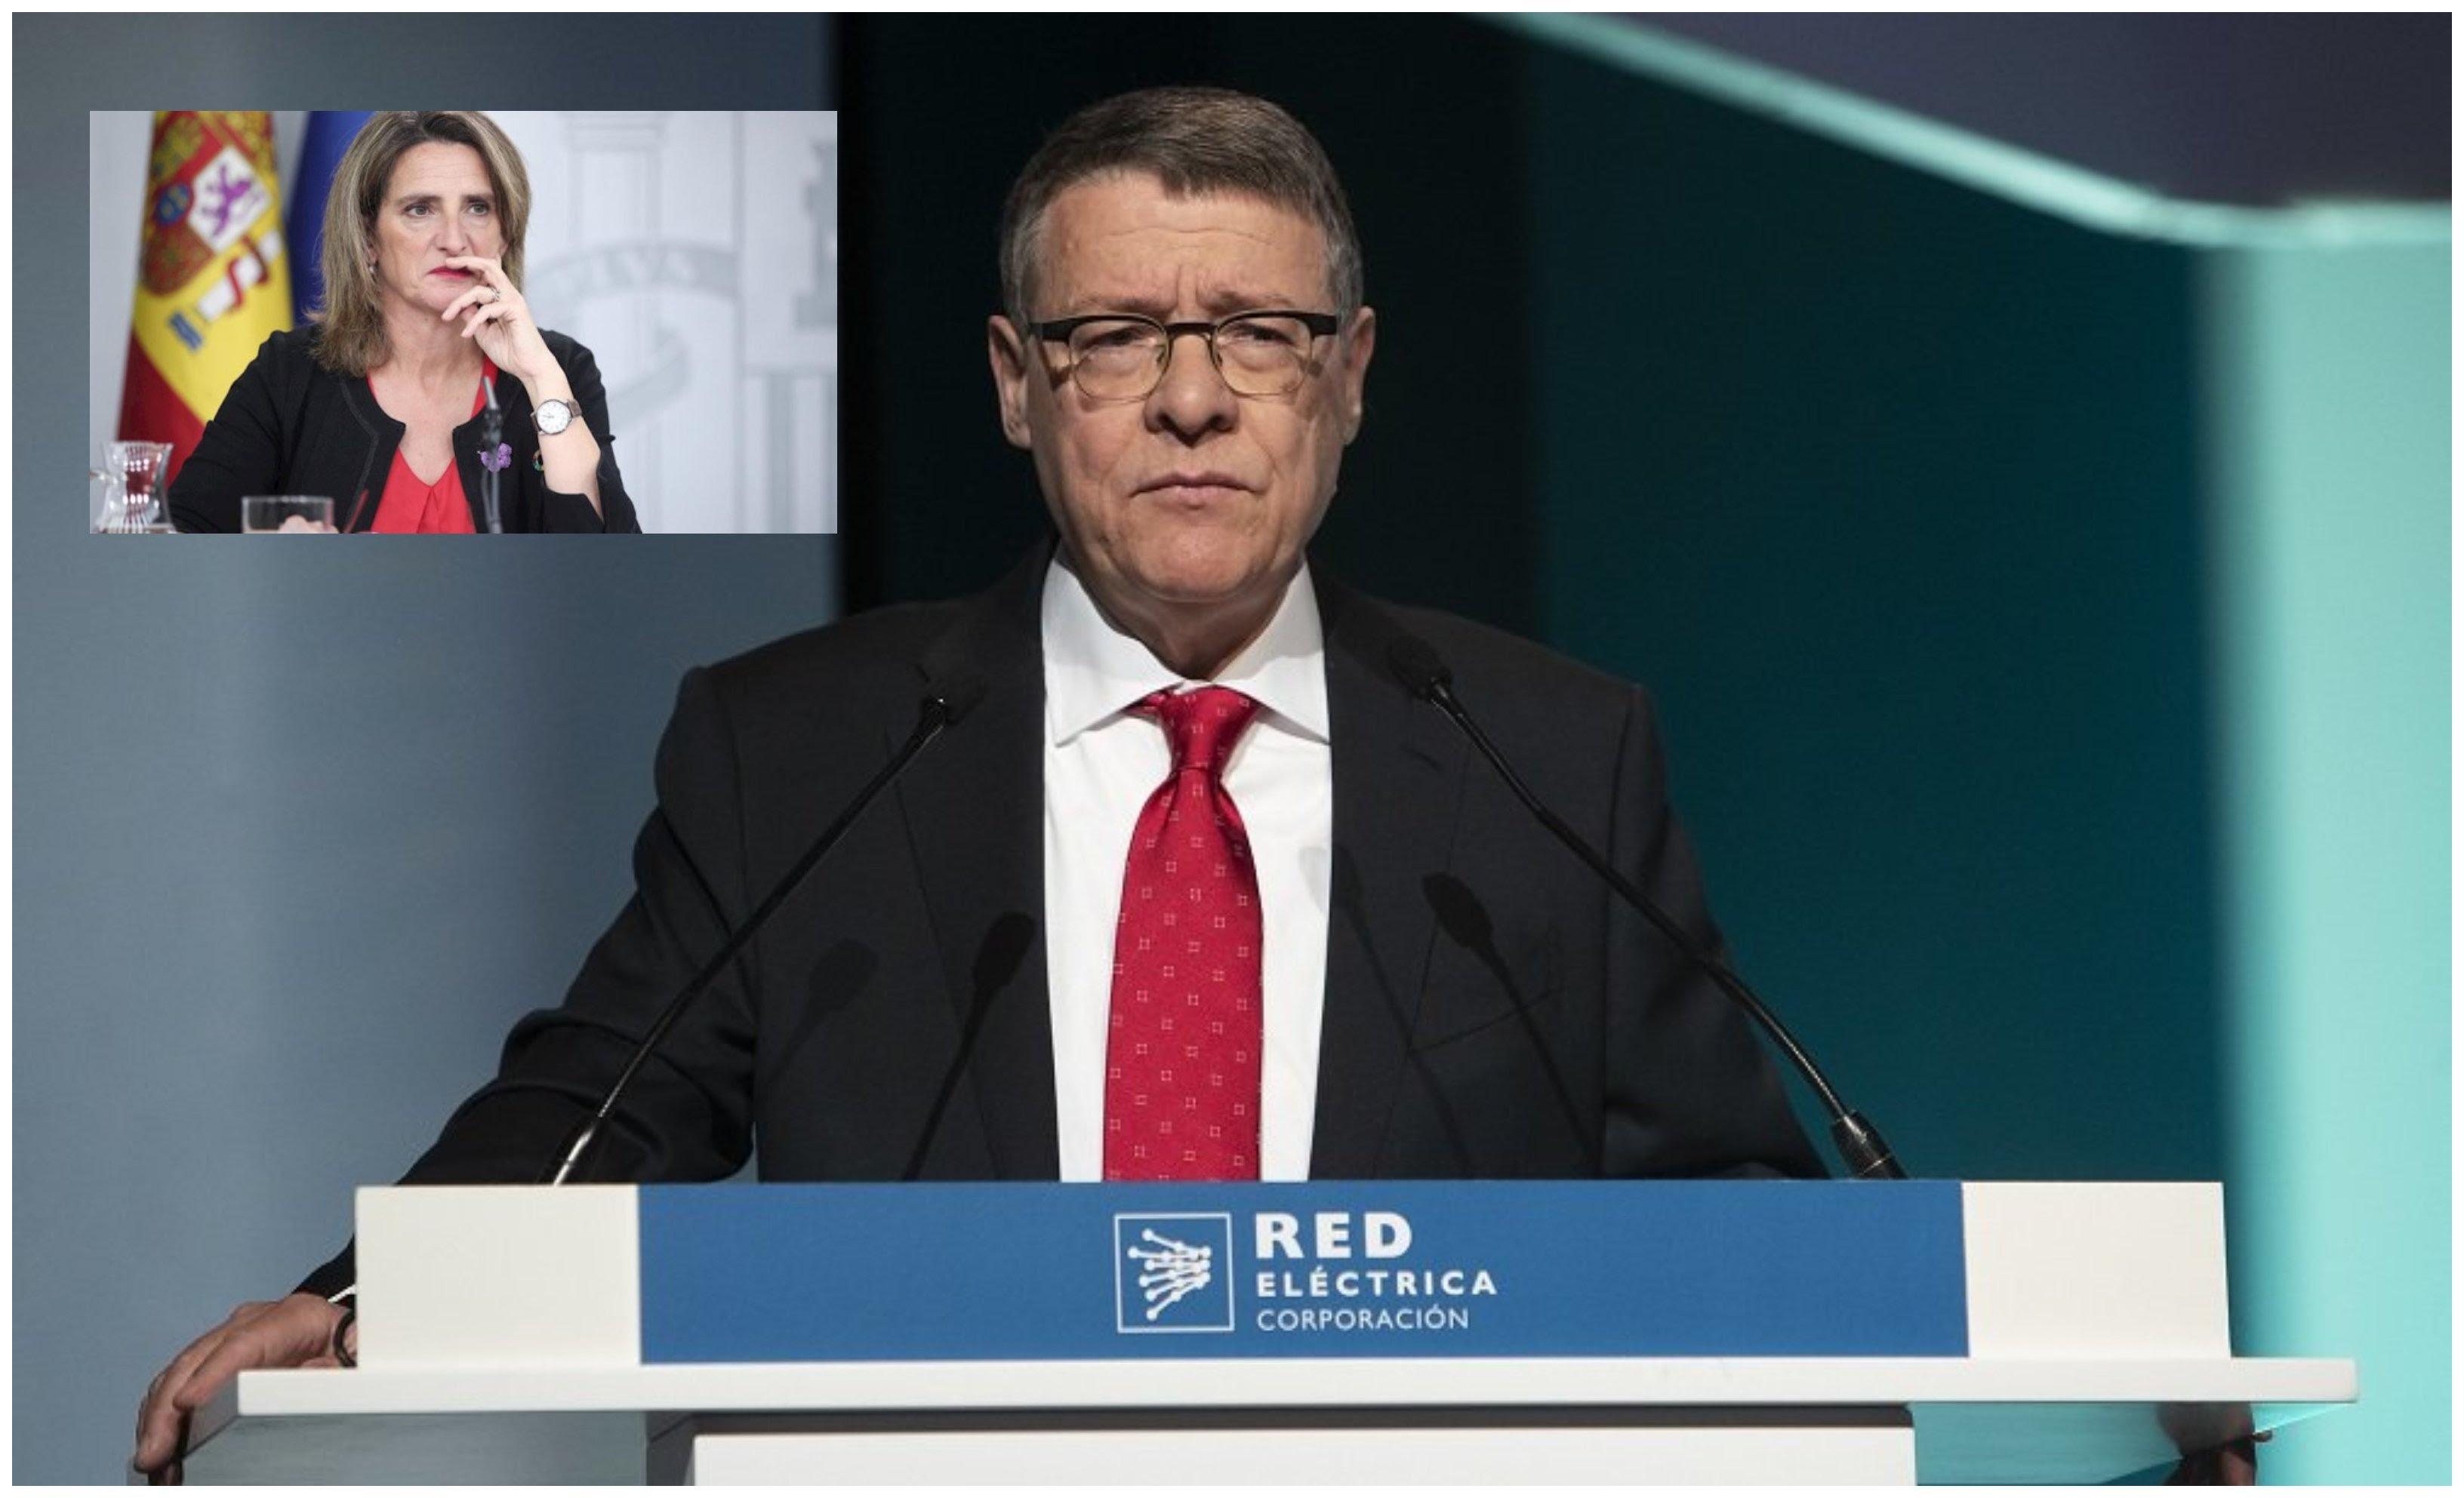 Jordi Sevilla deja la presidencia de Red Eléctrica, cargo que ocupaba desde el 31 de julio de 2018